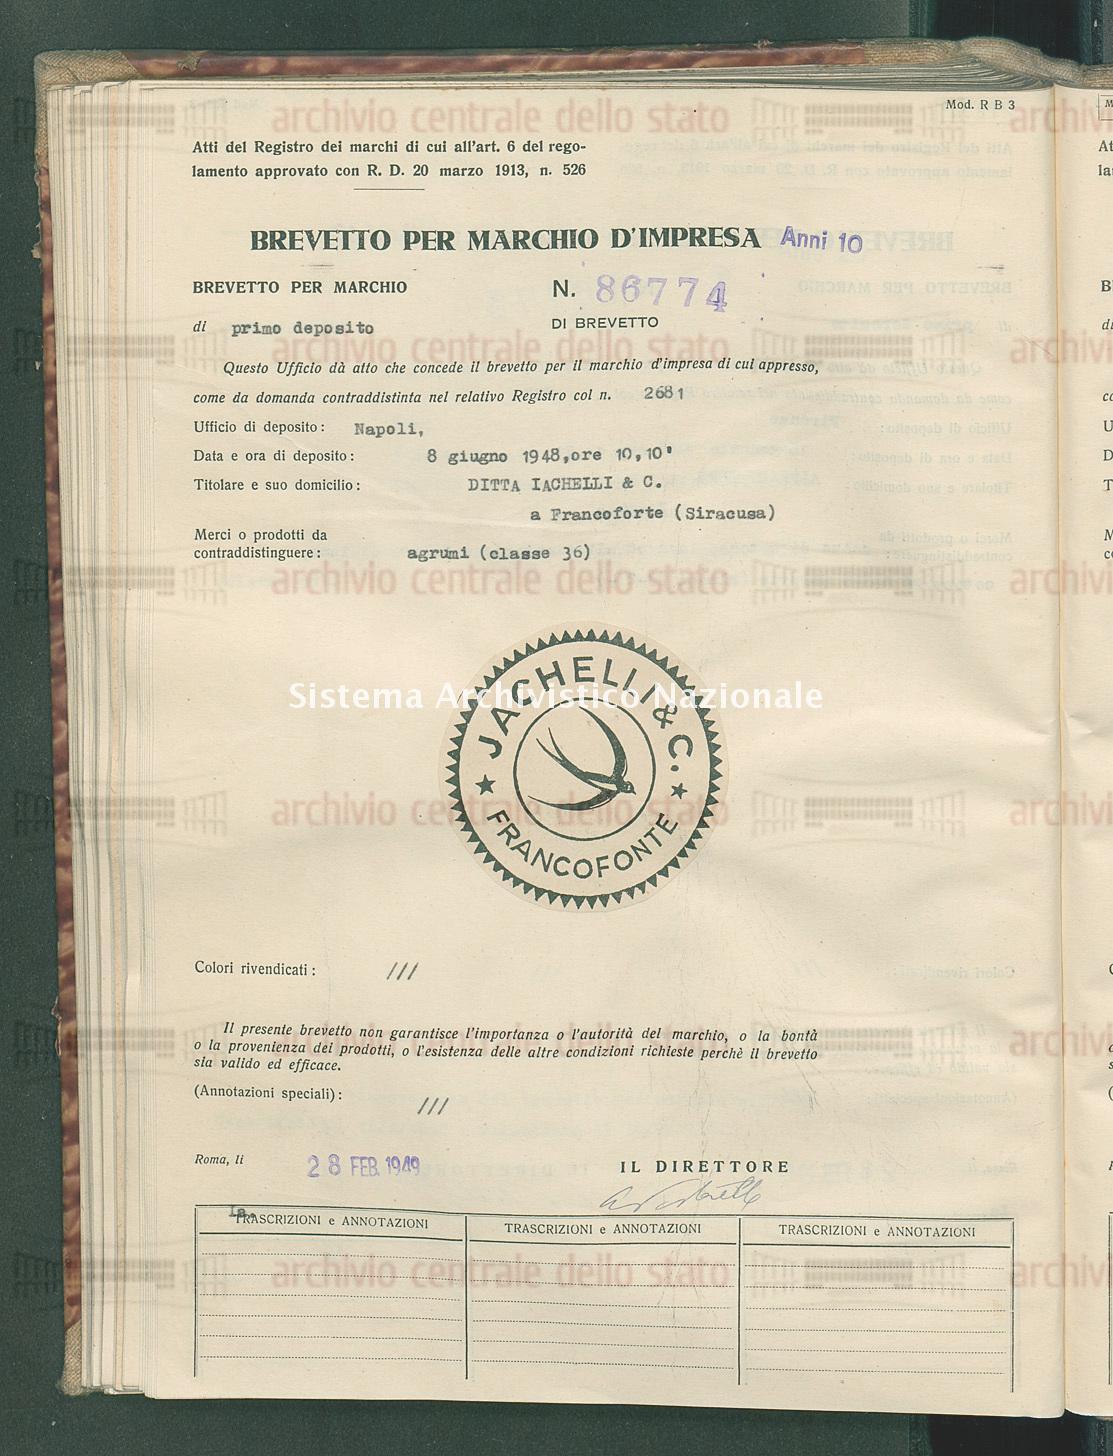 Agrumi Ditta Iachelli & C. (28/02/1949)